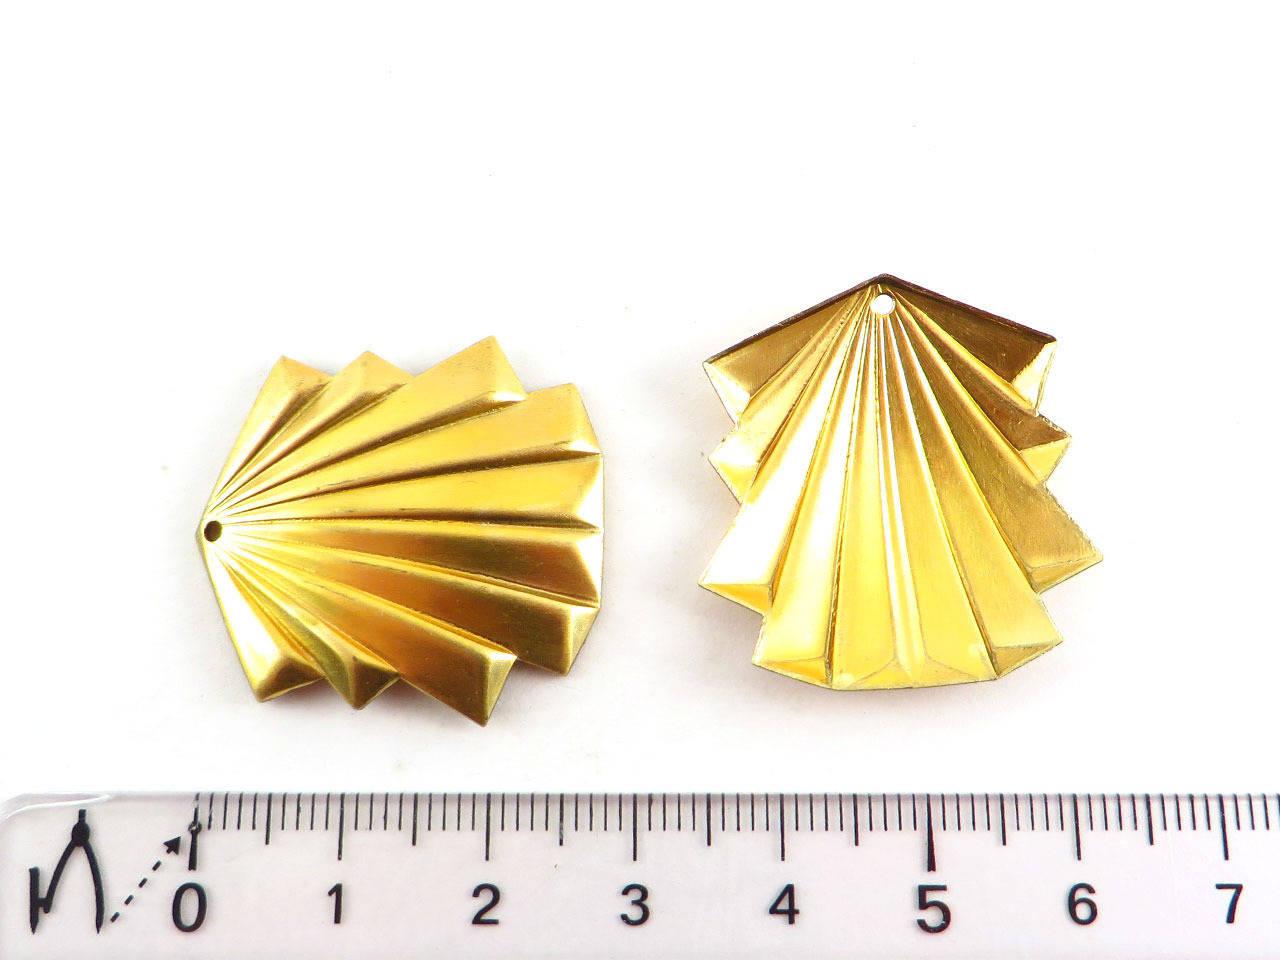 1x Pendentif éventail Art déco bombé en laiton brut, métal doré 29mm x 28mm (PV-098)